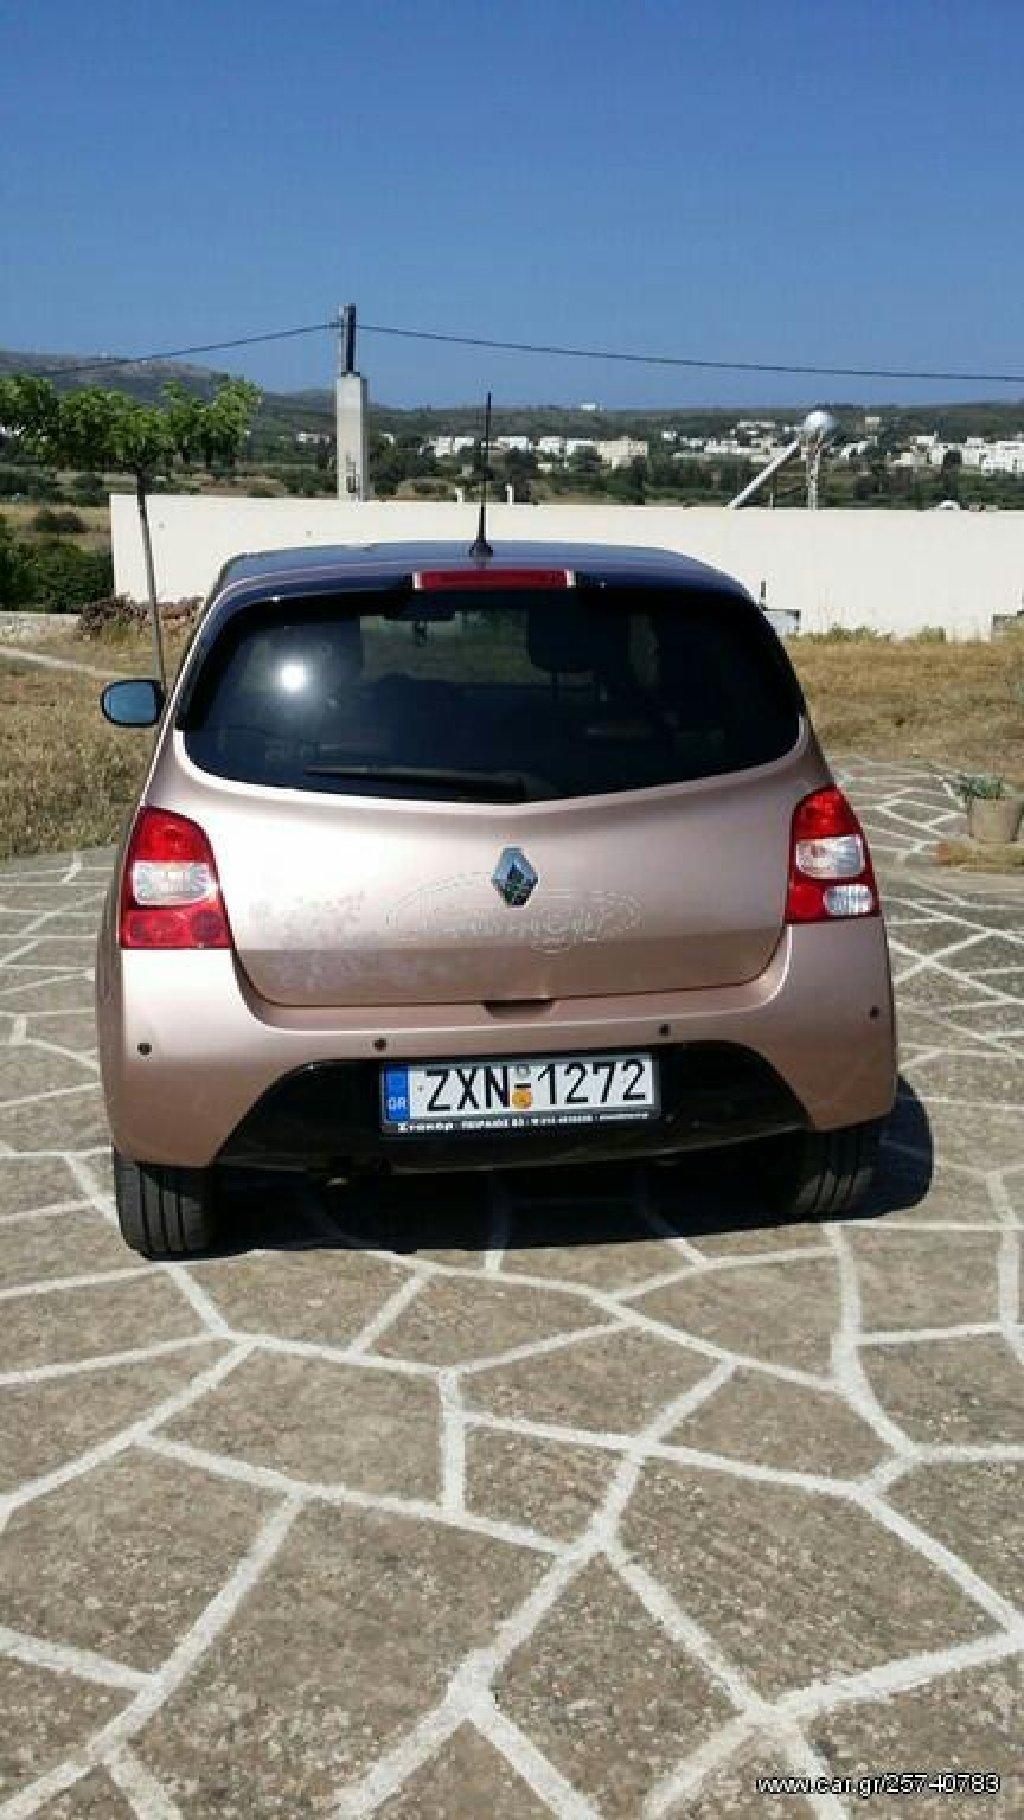 Renault Twingo 1.2 l. 2011 | 76700 km: Renault Twingo 1.2 l. 2011 | 76700 km